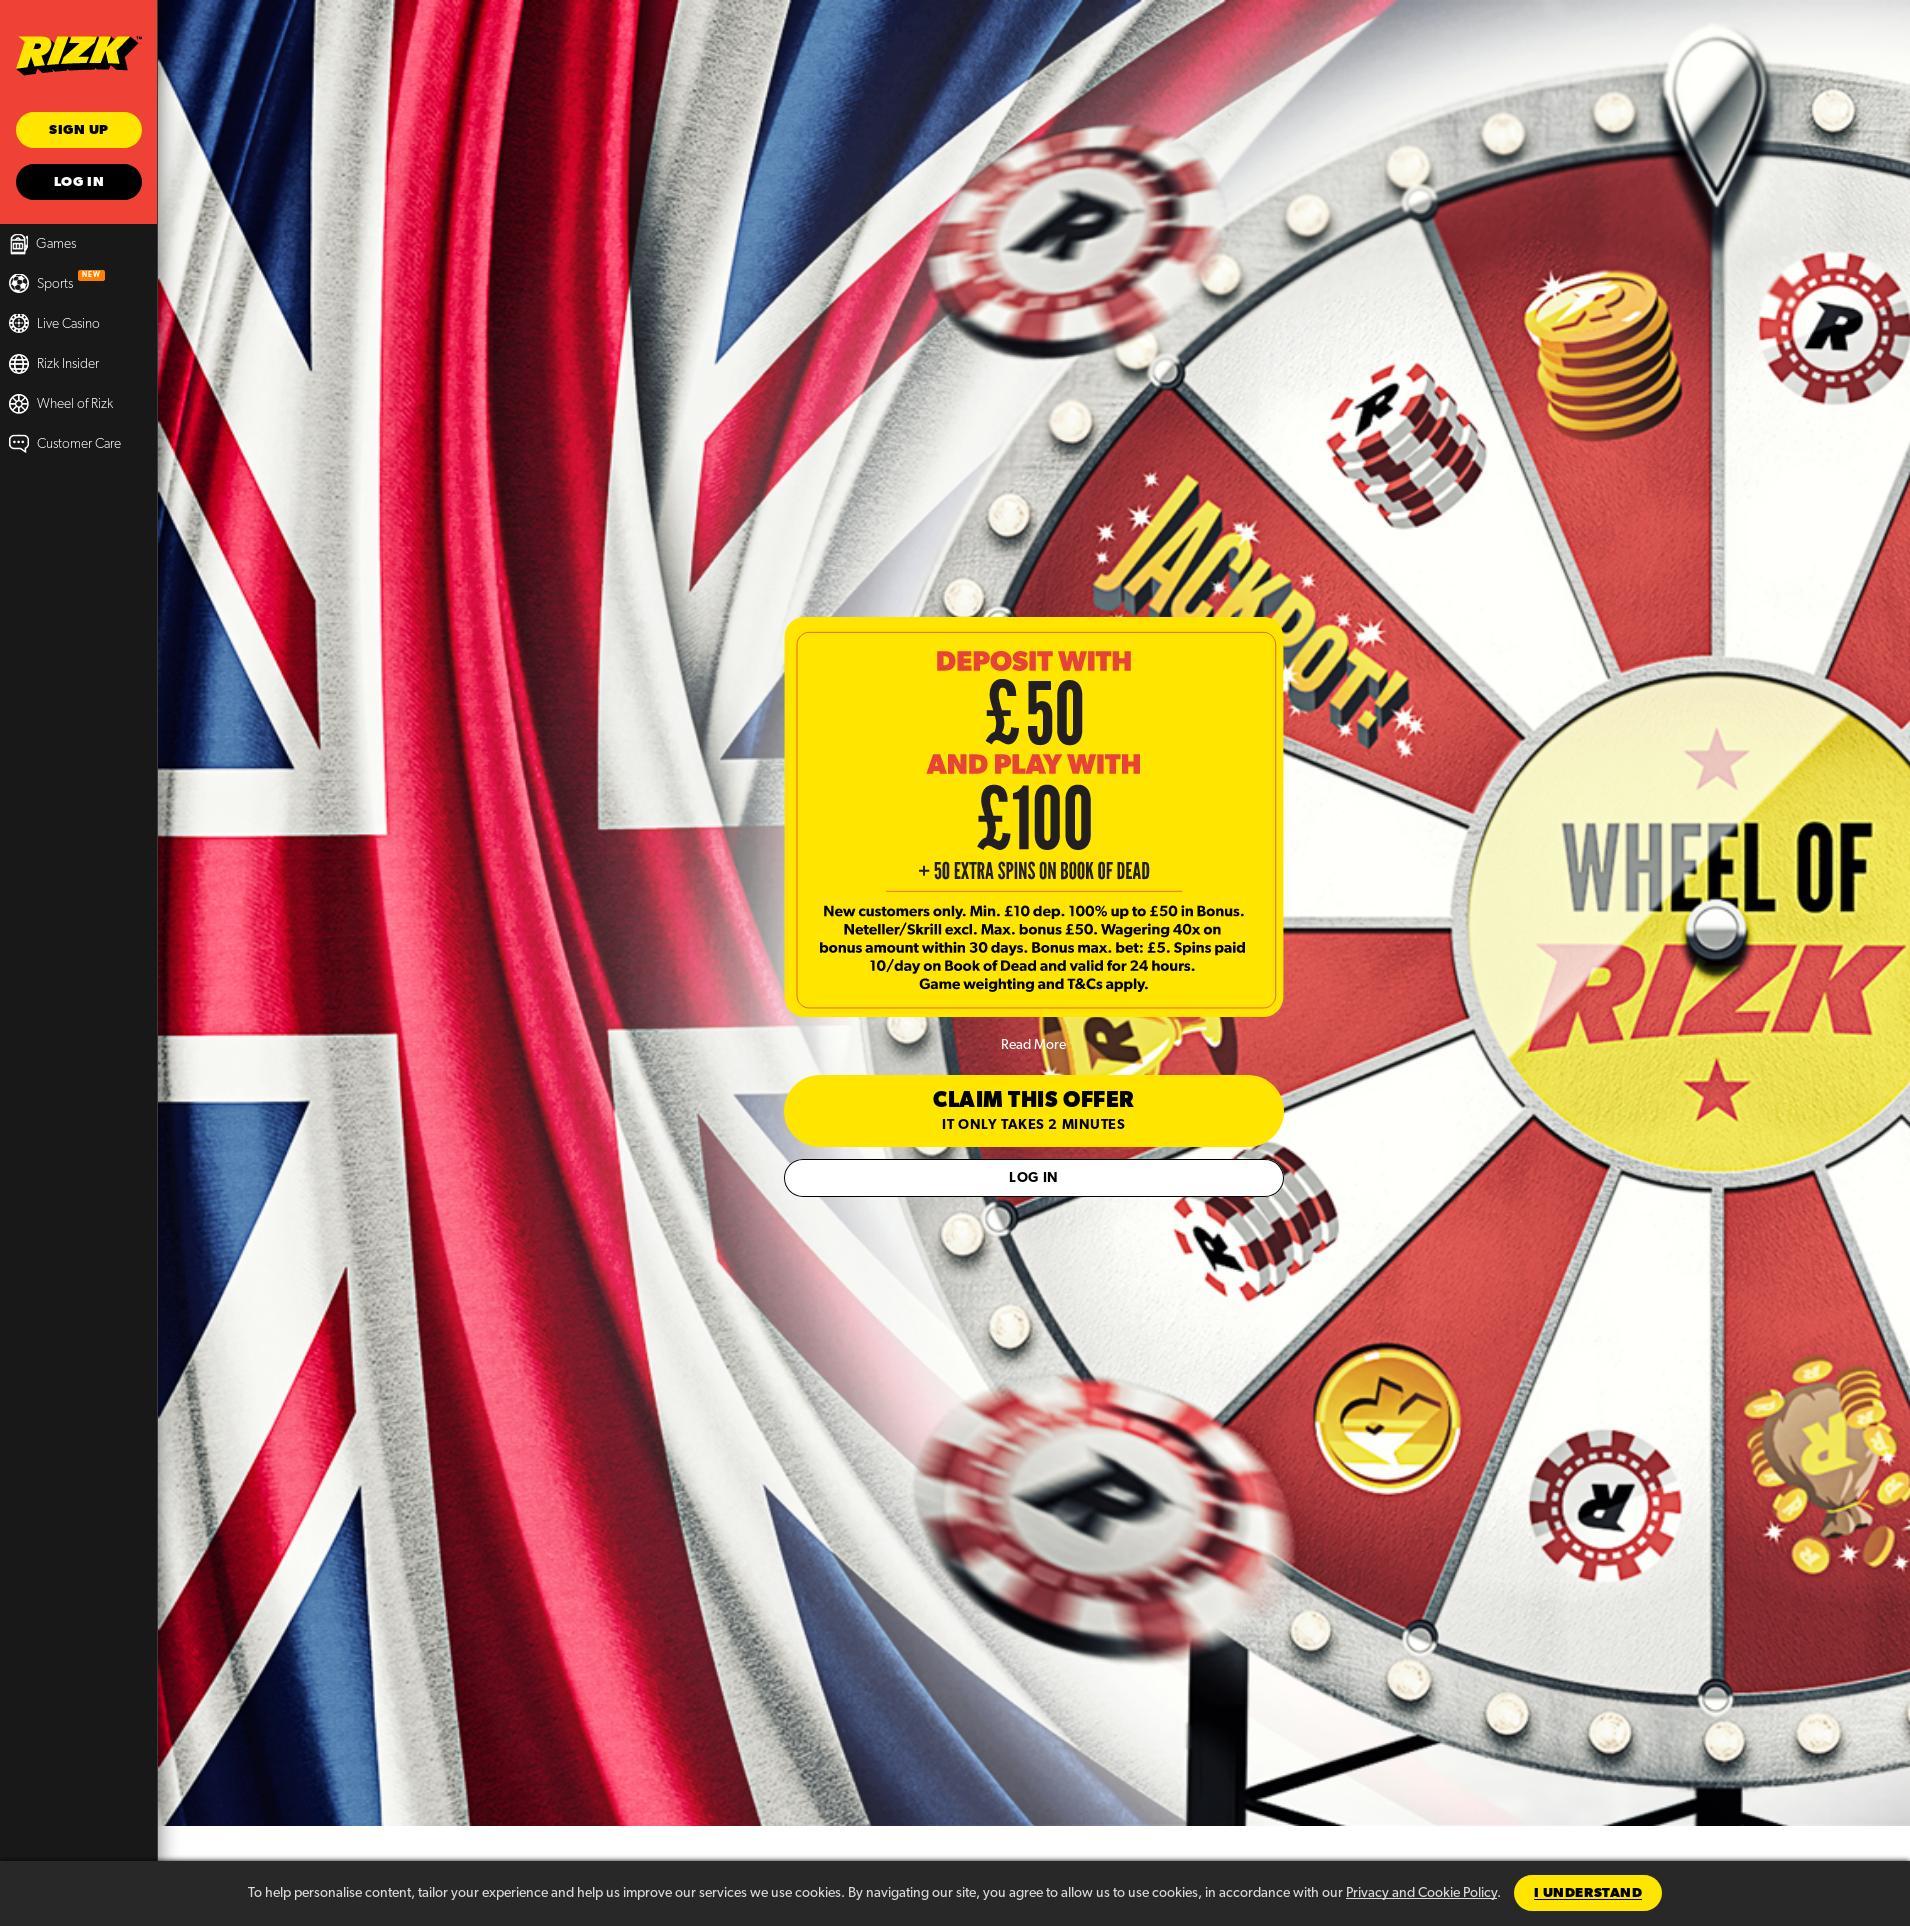 Казино знімок Lobby 2020-05-30 за Об'єднане Королівство